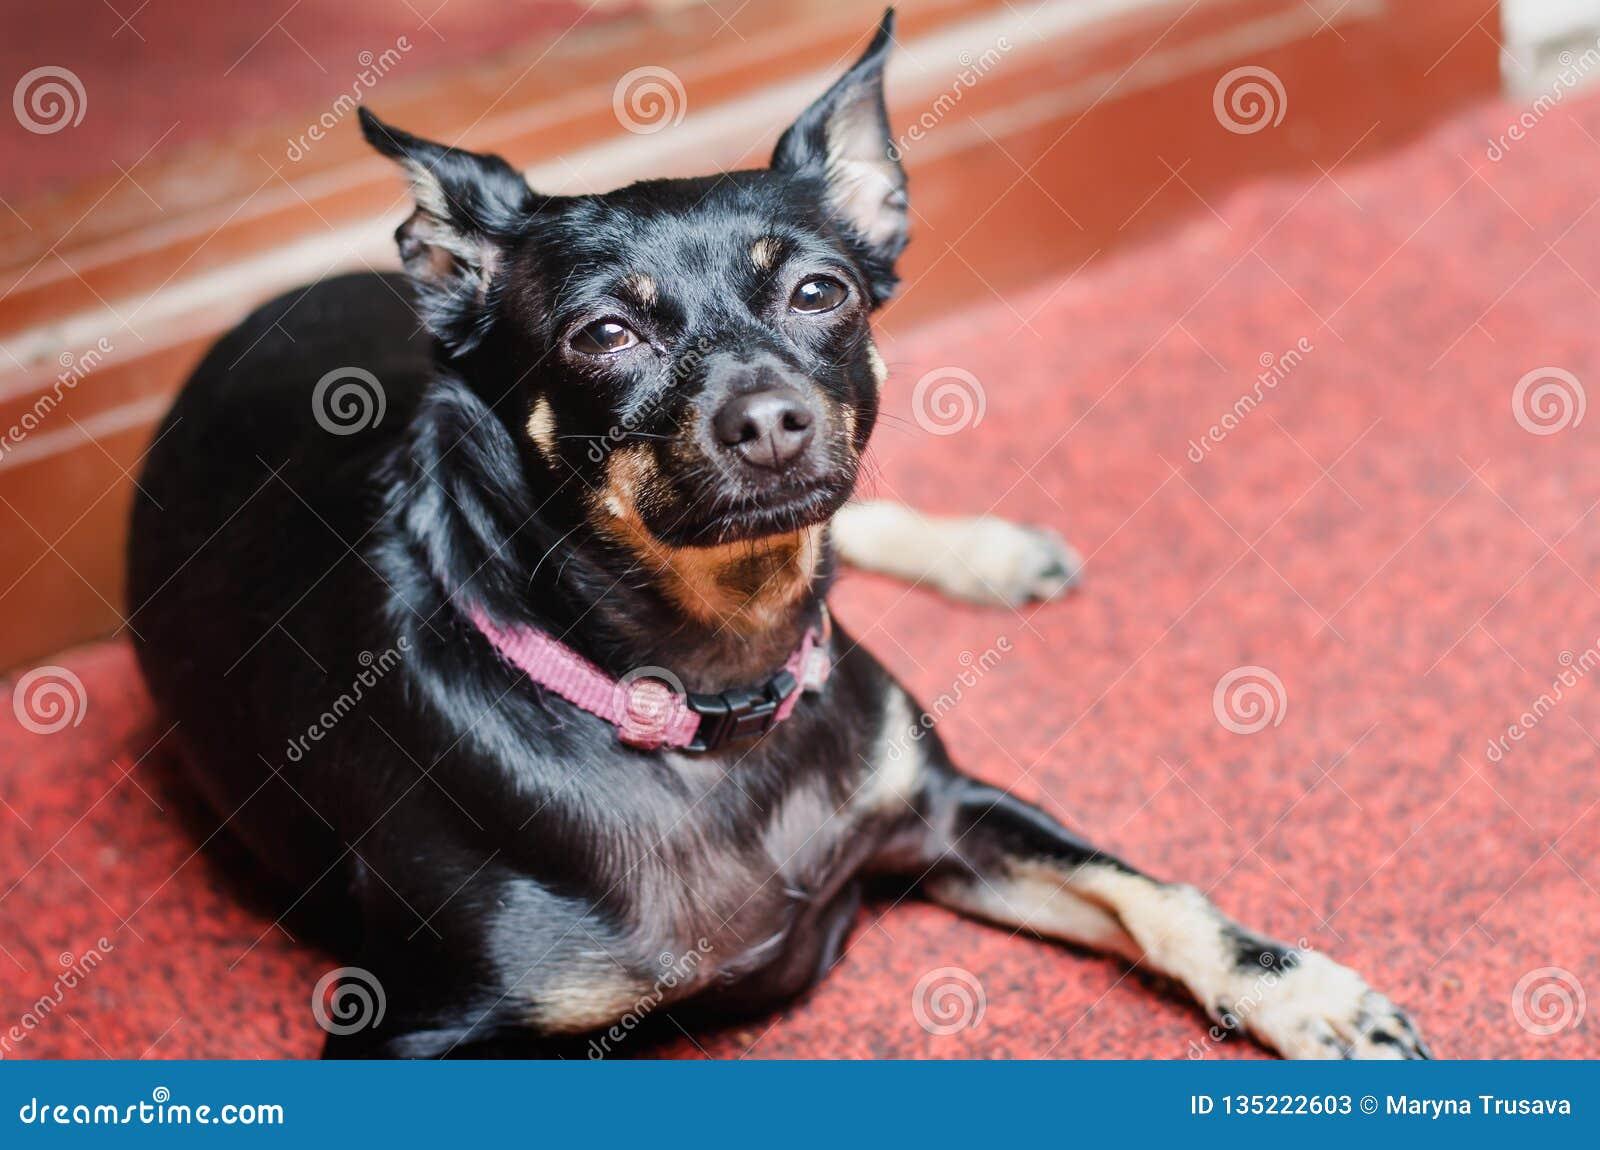 Un pequeño perro liso-cabelludo negro descansa sobre una alfombra roja